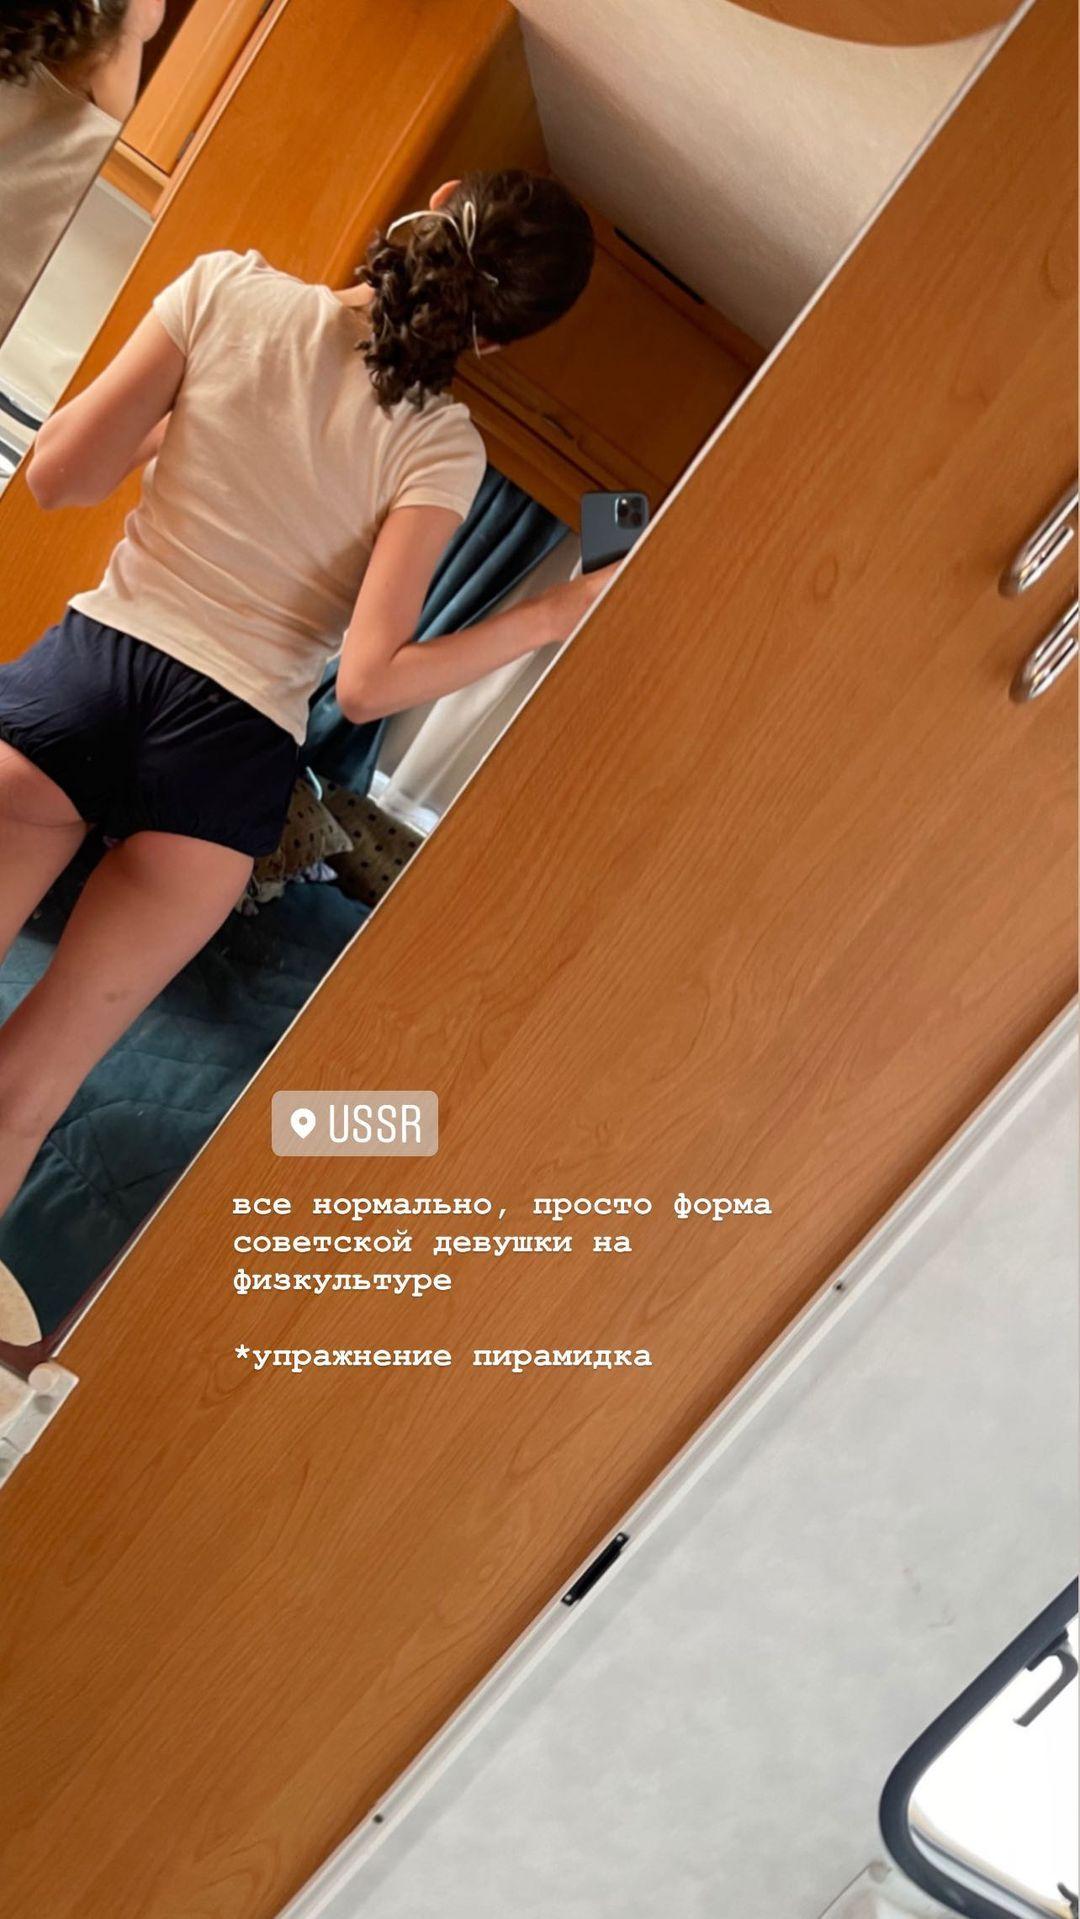 yasinitsyna_188837539_117701663783198_5422015545118026216_n.jpg